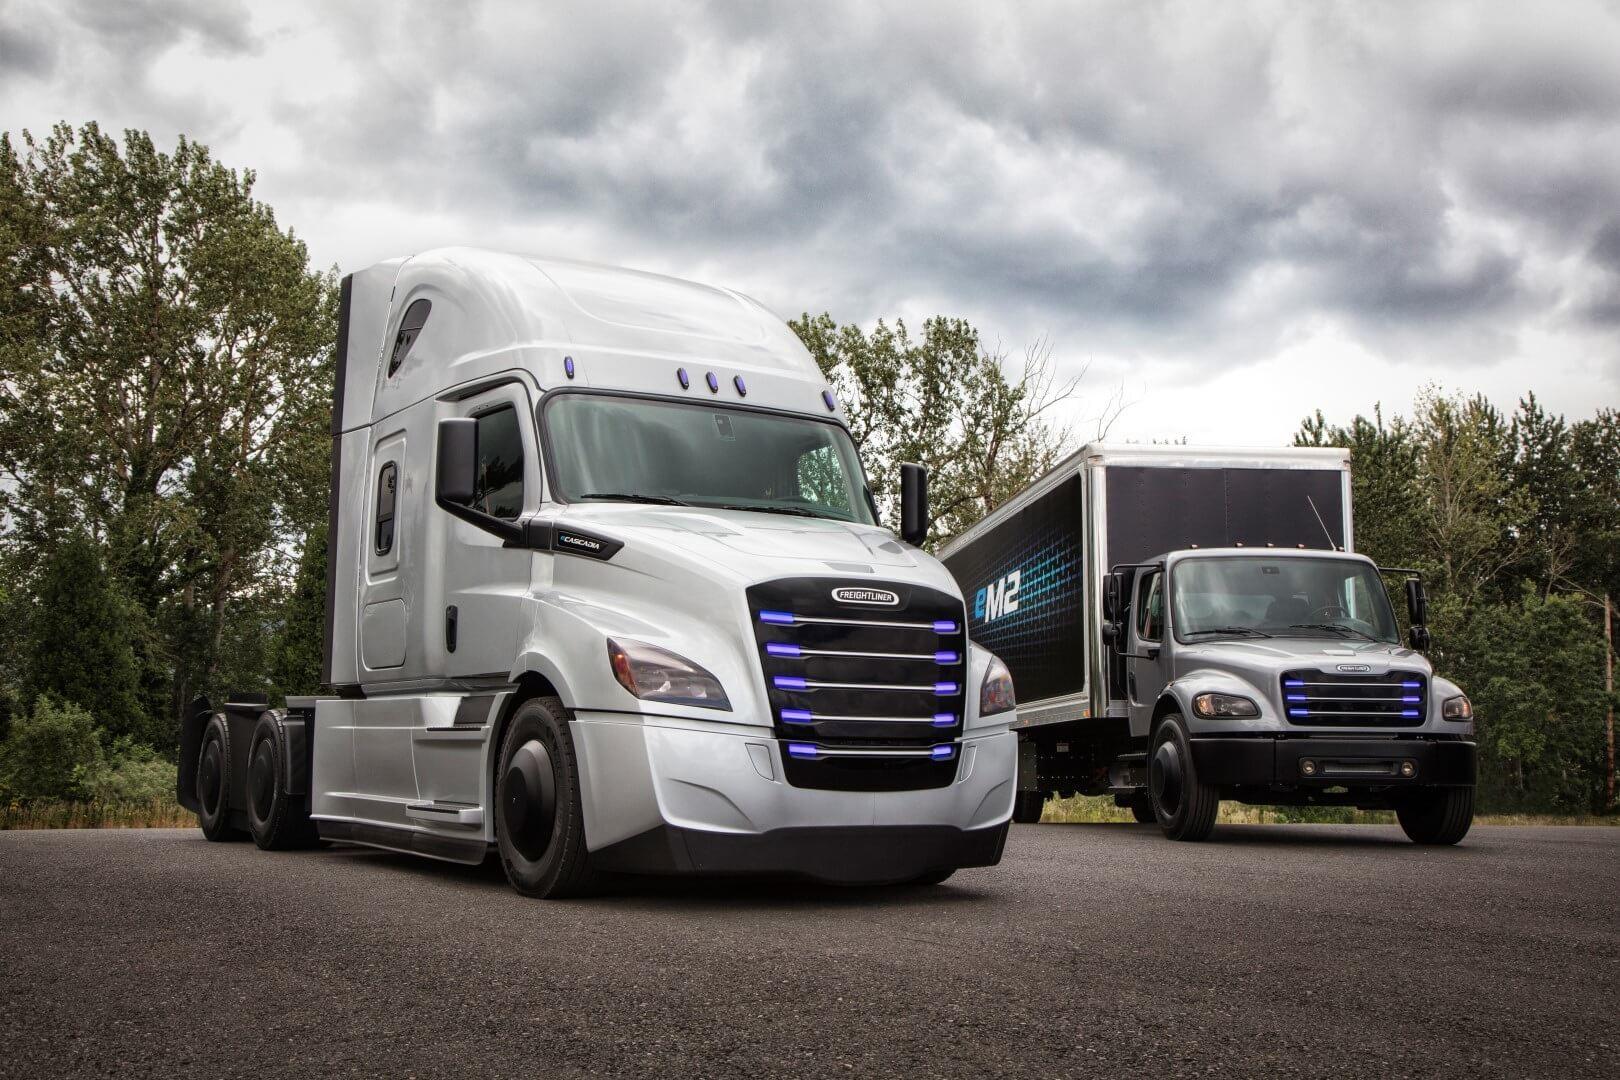 Электрические грузовики Daimler Trucks: Freightliner eCascadia и Freightliner eM2